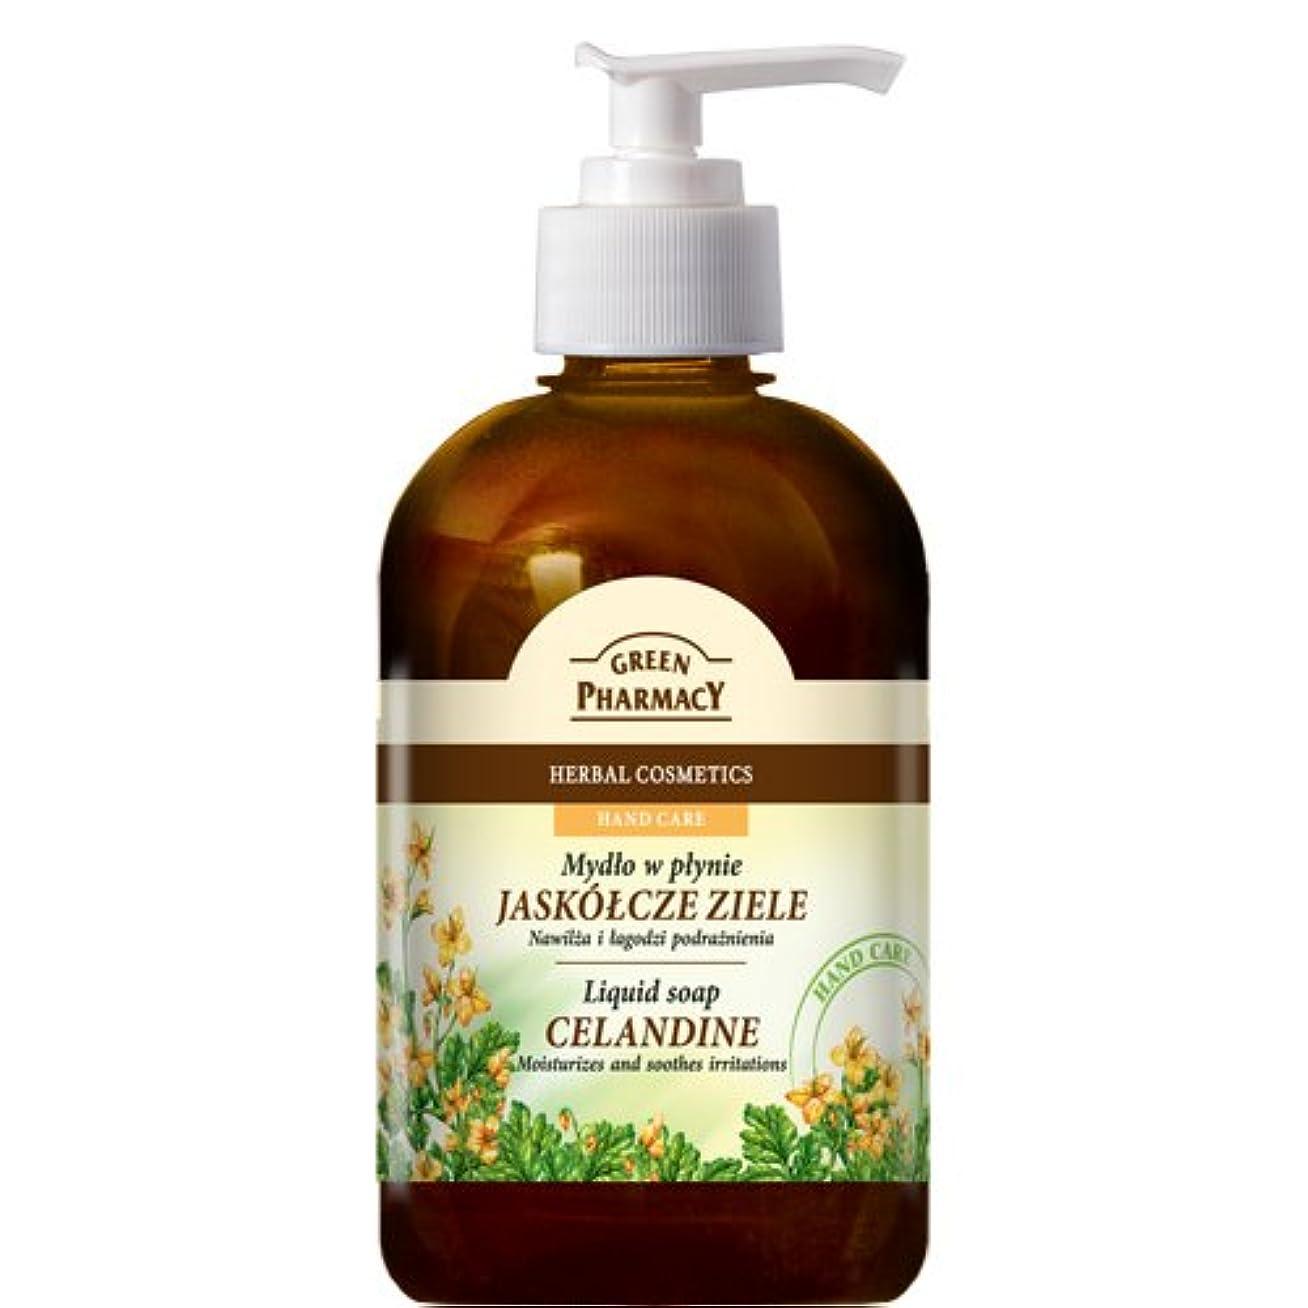 納得させるめまい放棄されたElfa Pharm Green Pharmacy グリーンファーマシー Liquid Soap リキッドソープ Celandine クサノオウ